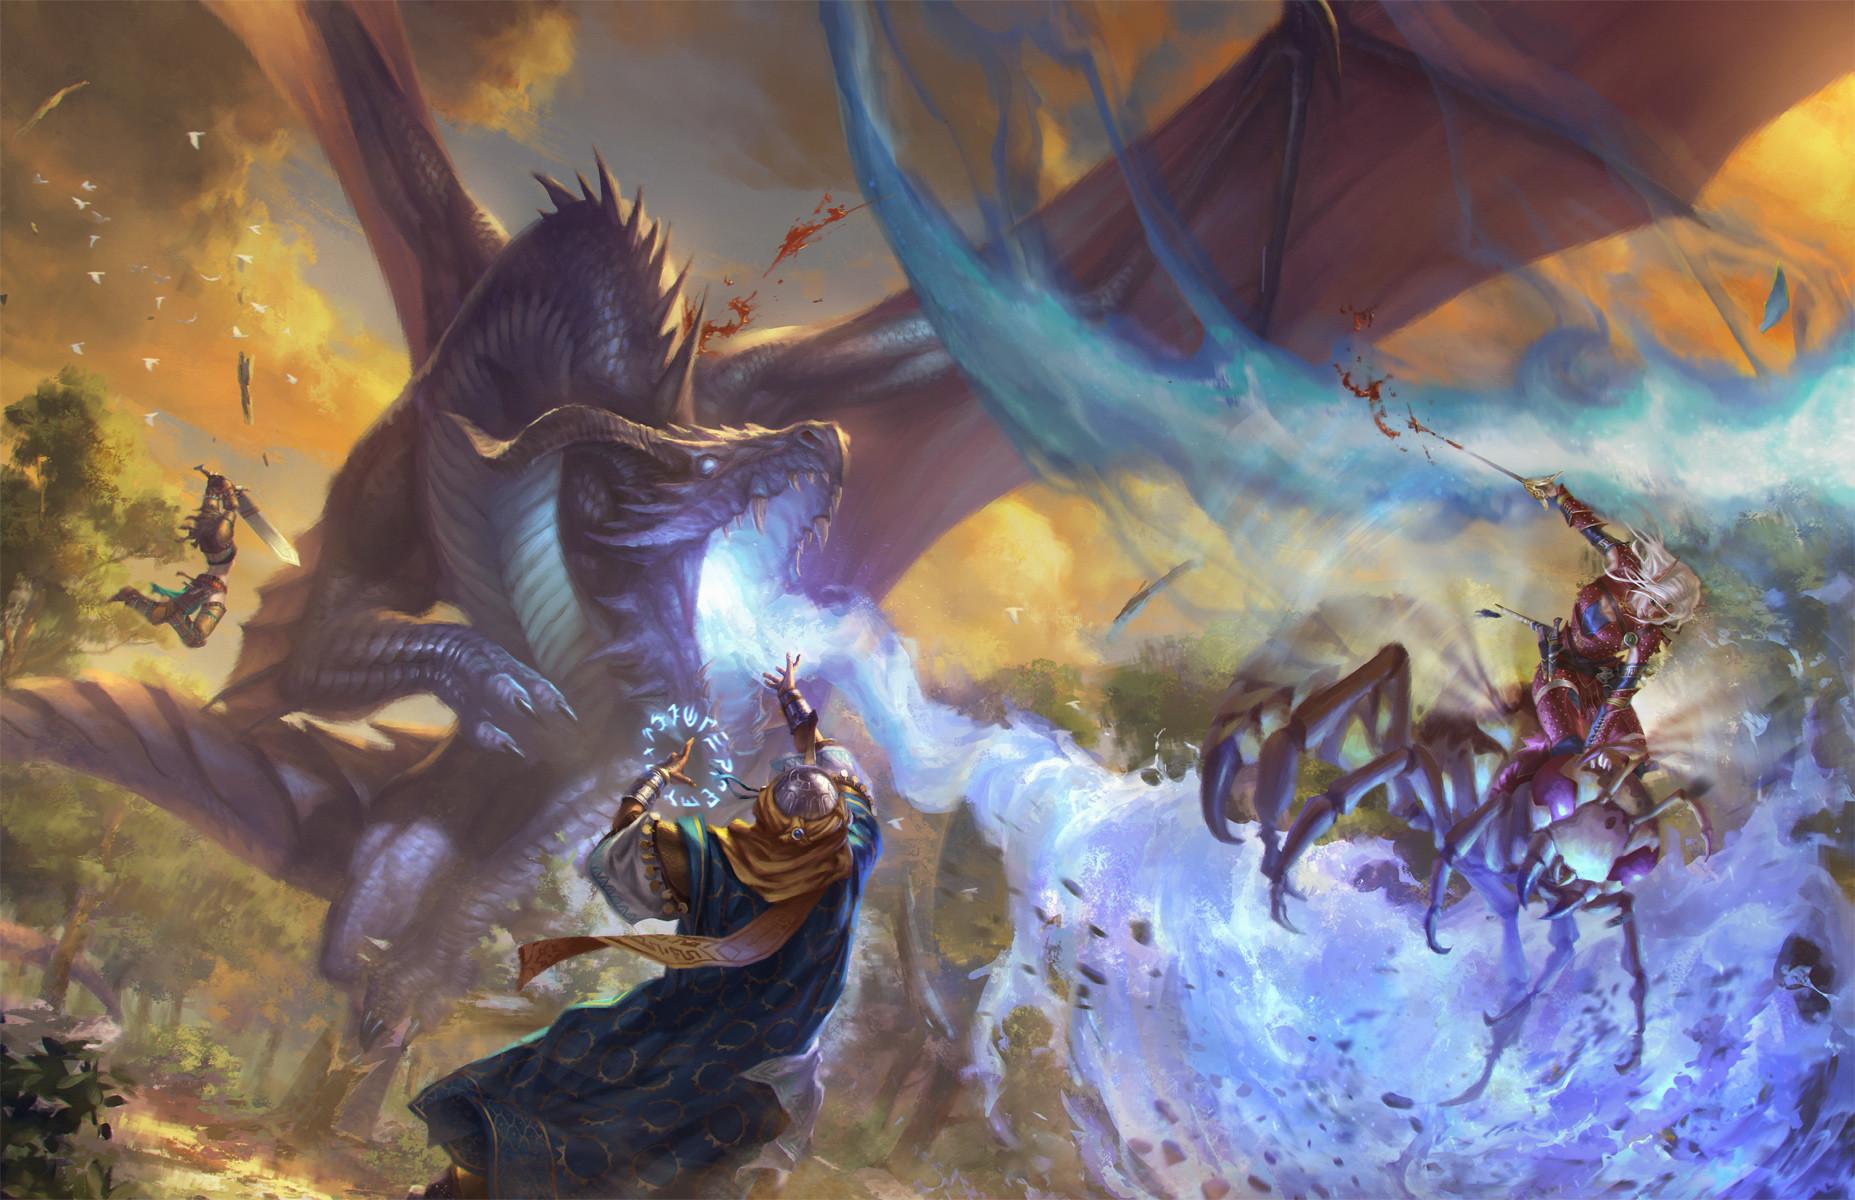 Lie setiawan paizo dragonbattlechapteropener liesetiawanr